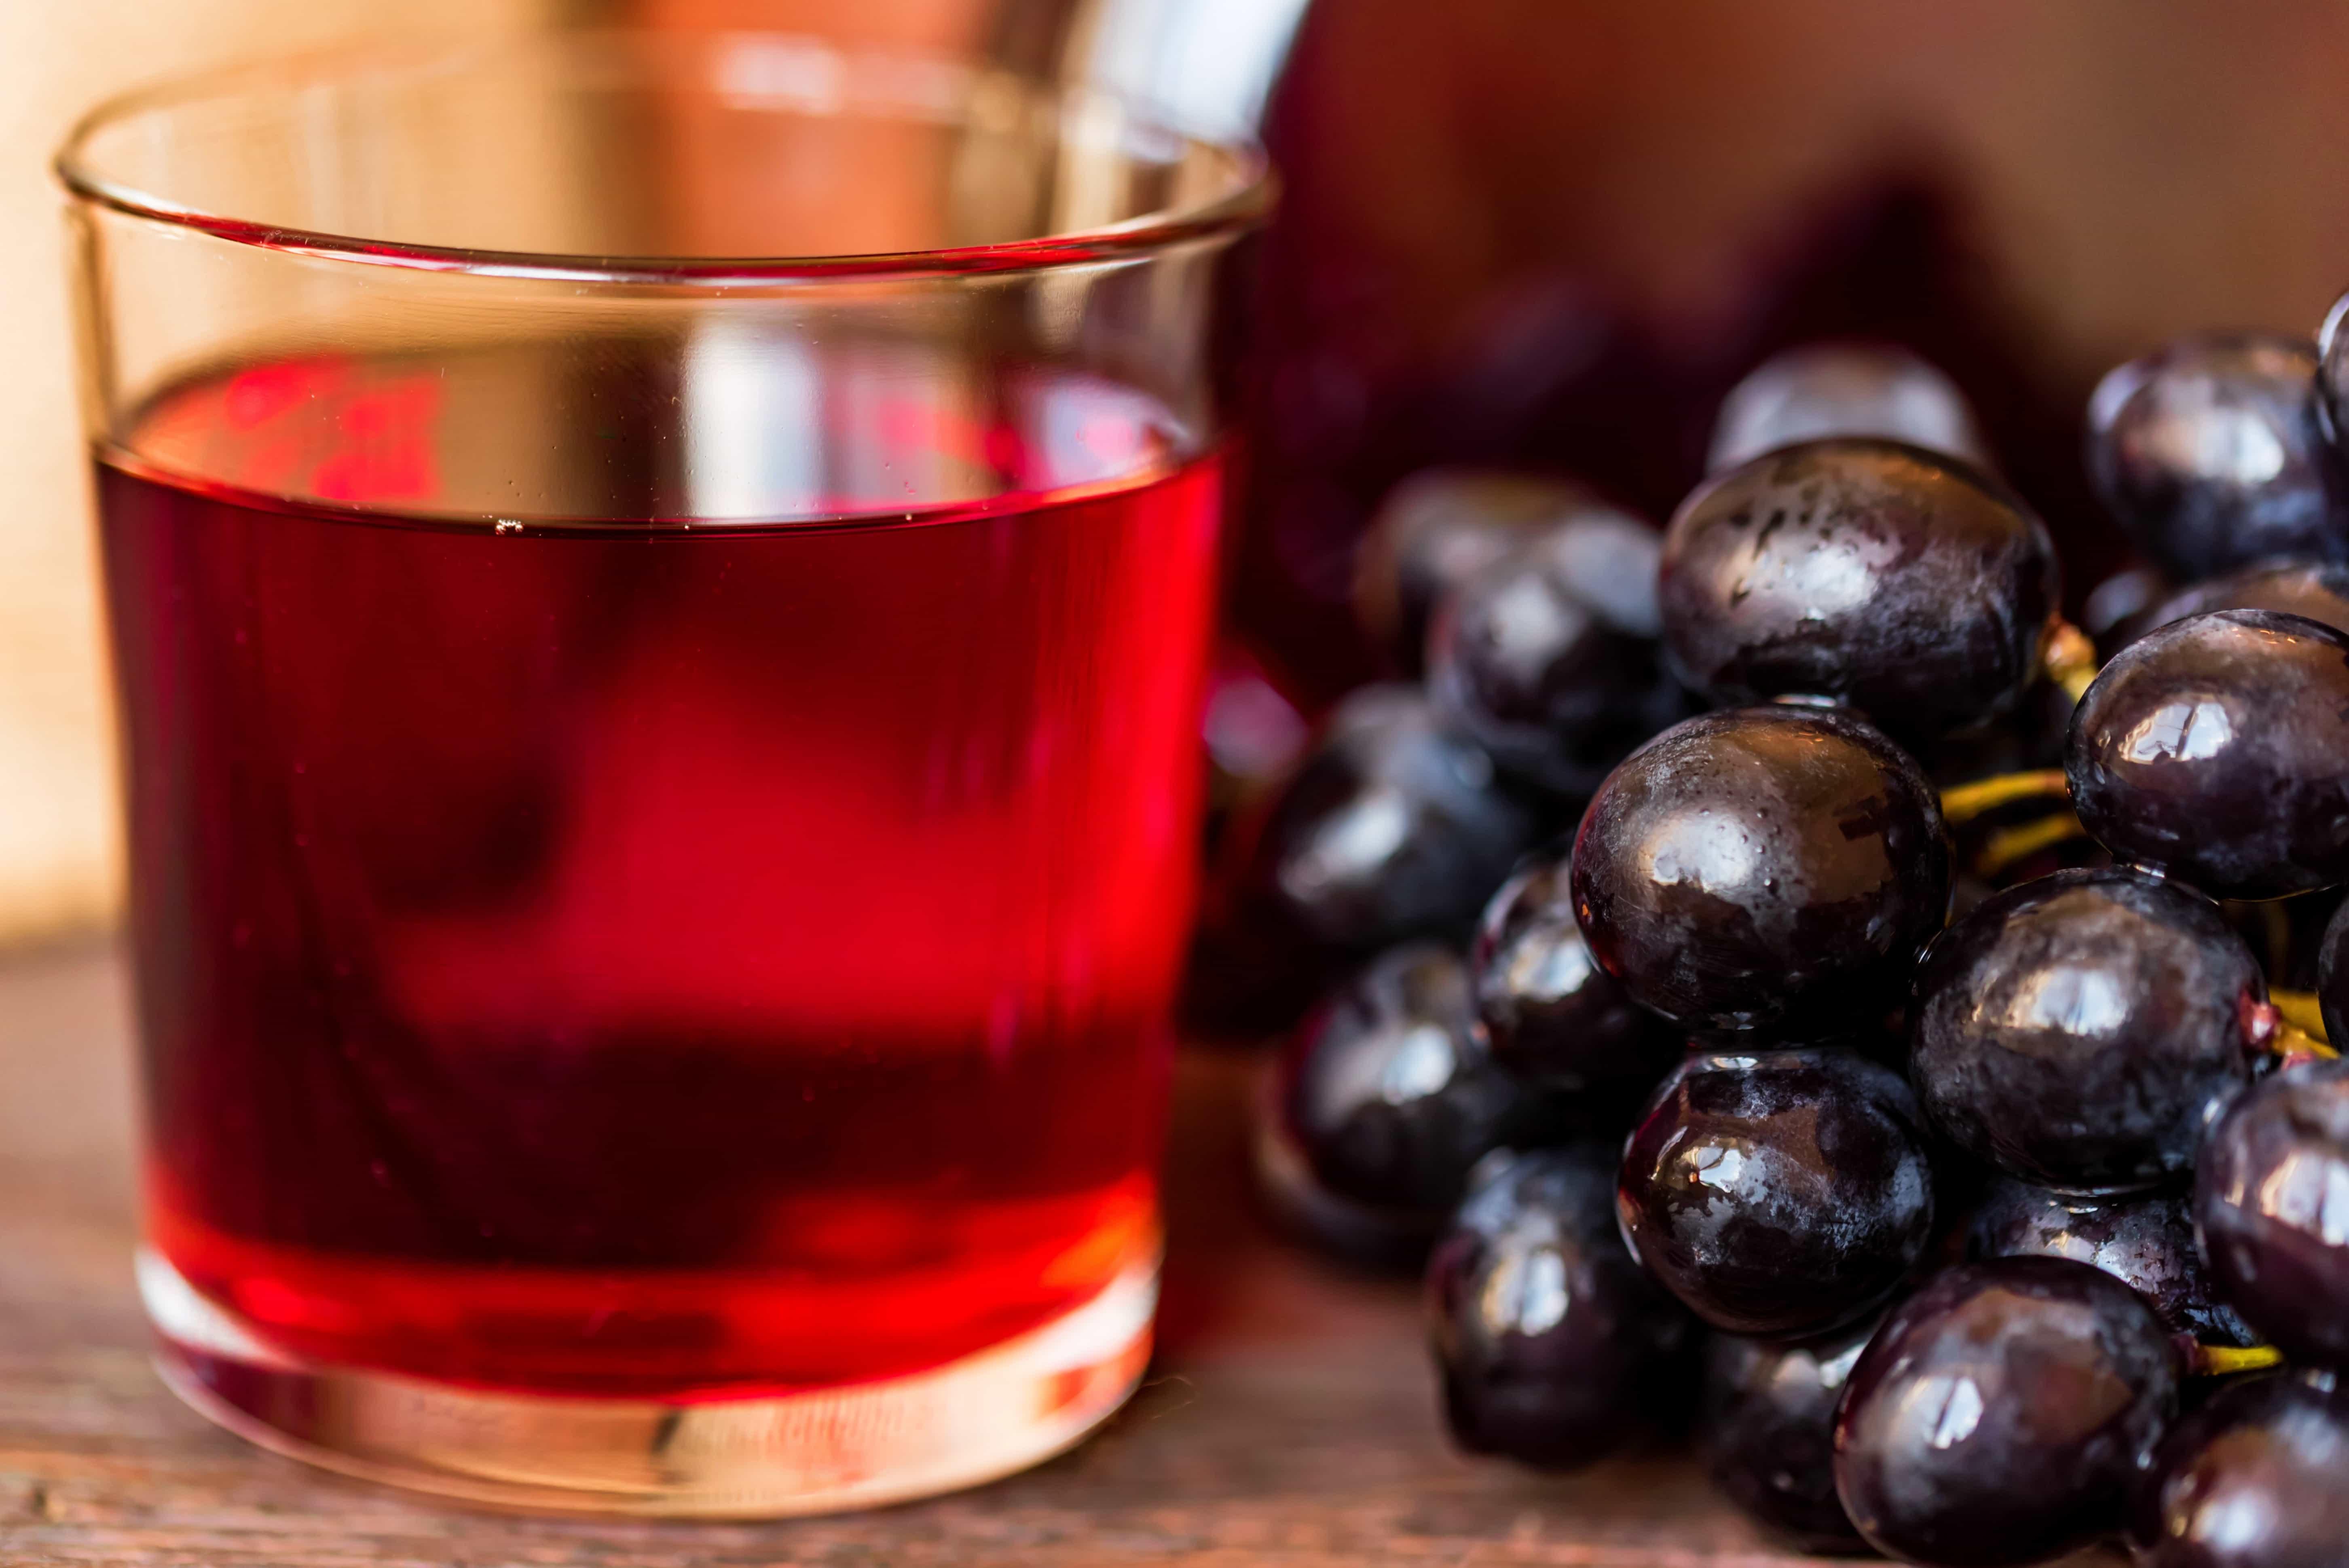 Свежевыжатый сок. Как правильно его пить. Его польза и вред